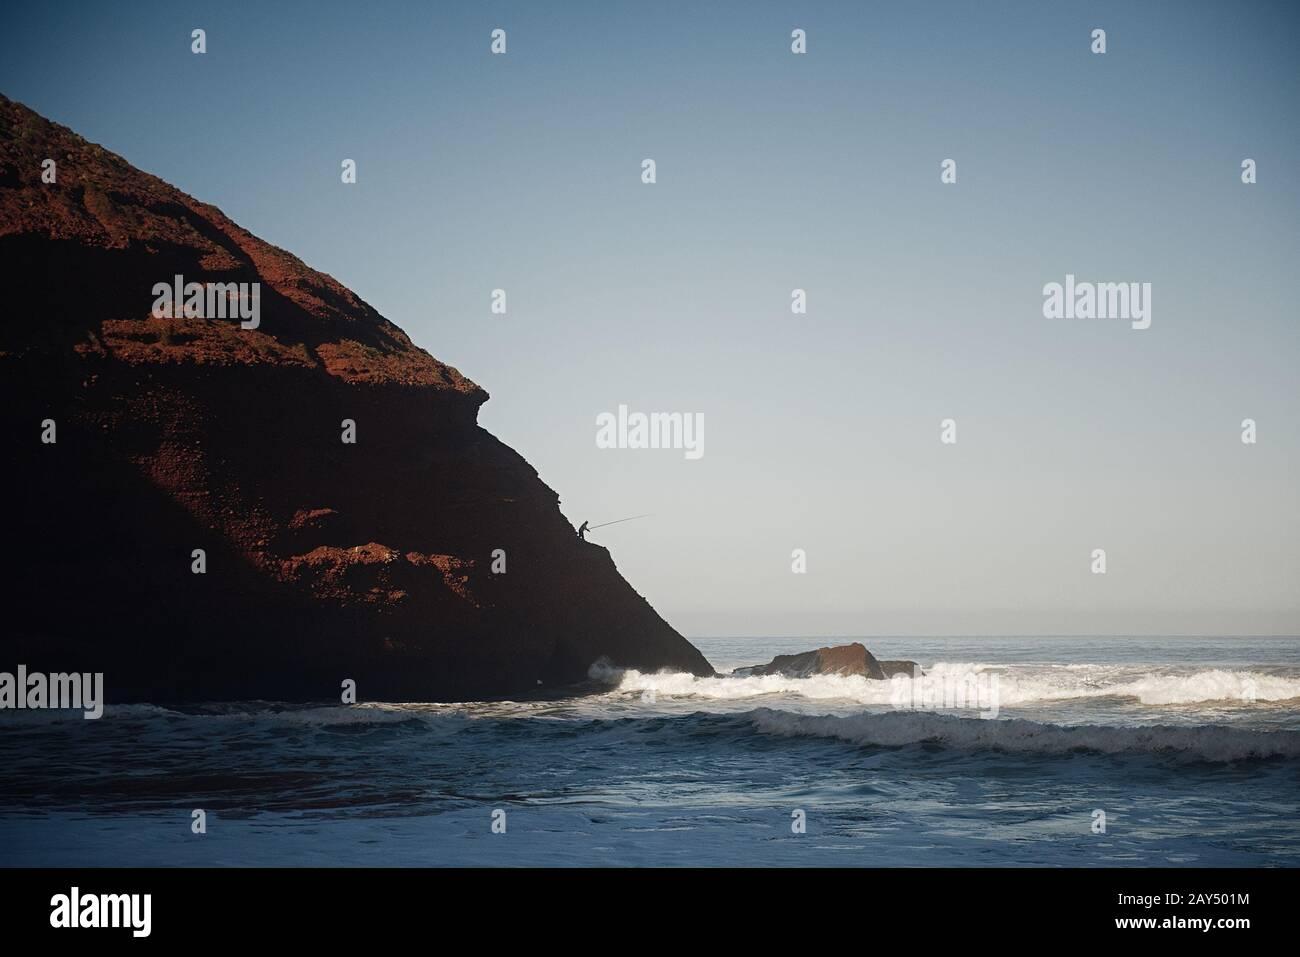 Legzira des voûtes en pierre naturelle spectaculaires qui s'atteignent au-dessus de la mer, de l'océan Atlantique, du Maroc, de l'Afrique. Pêcheur sur le bord. Banque D'Images